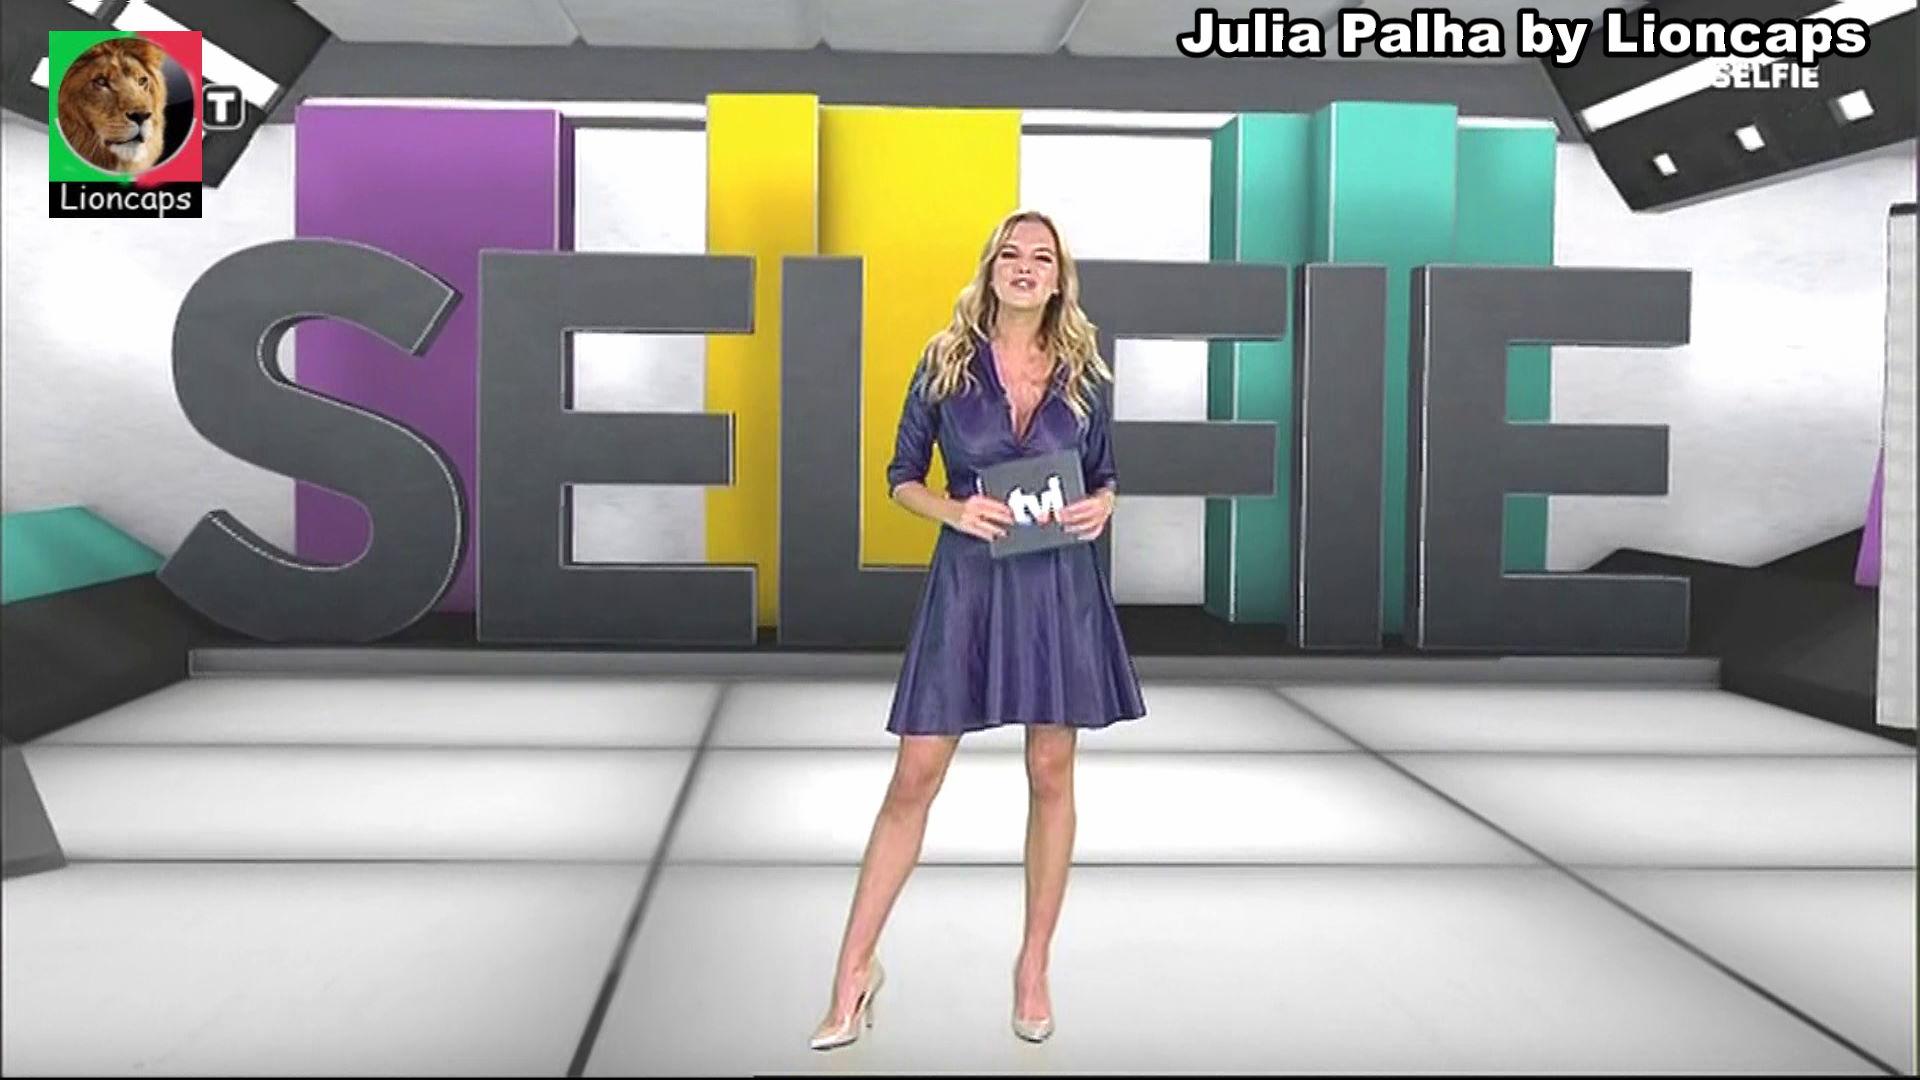 827015396_julia_palha_vs181226_02713_122_429lo.JPG